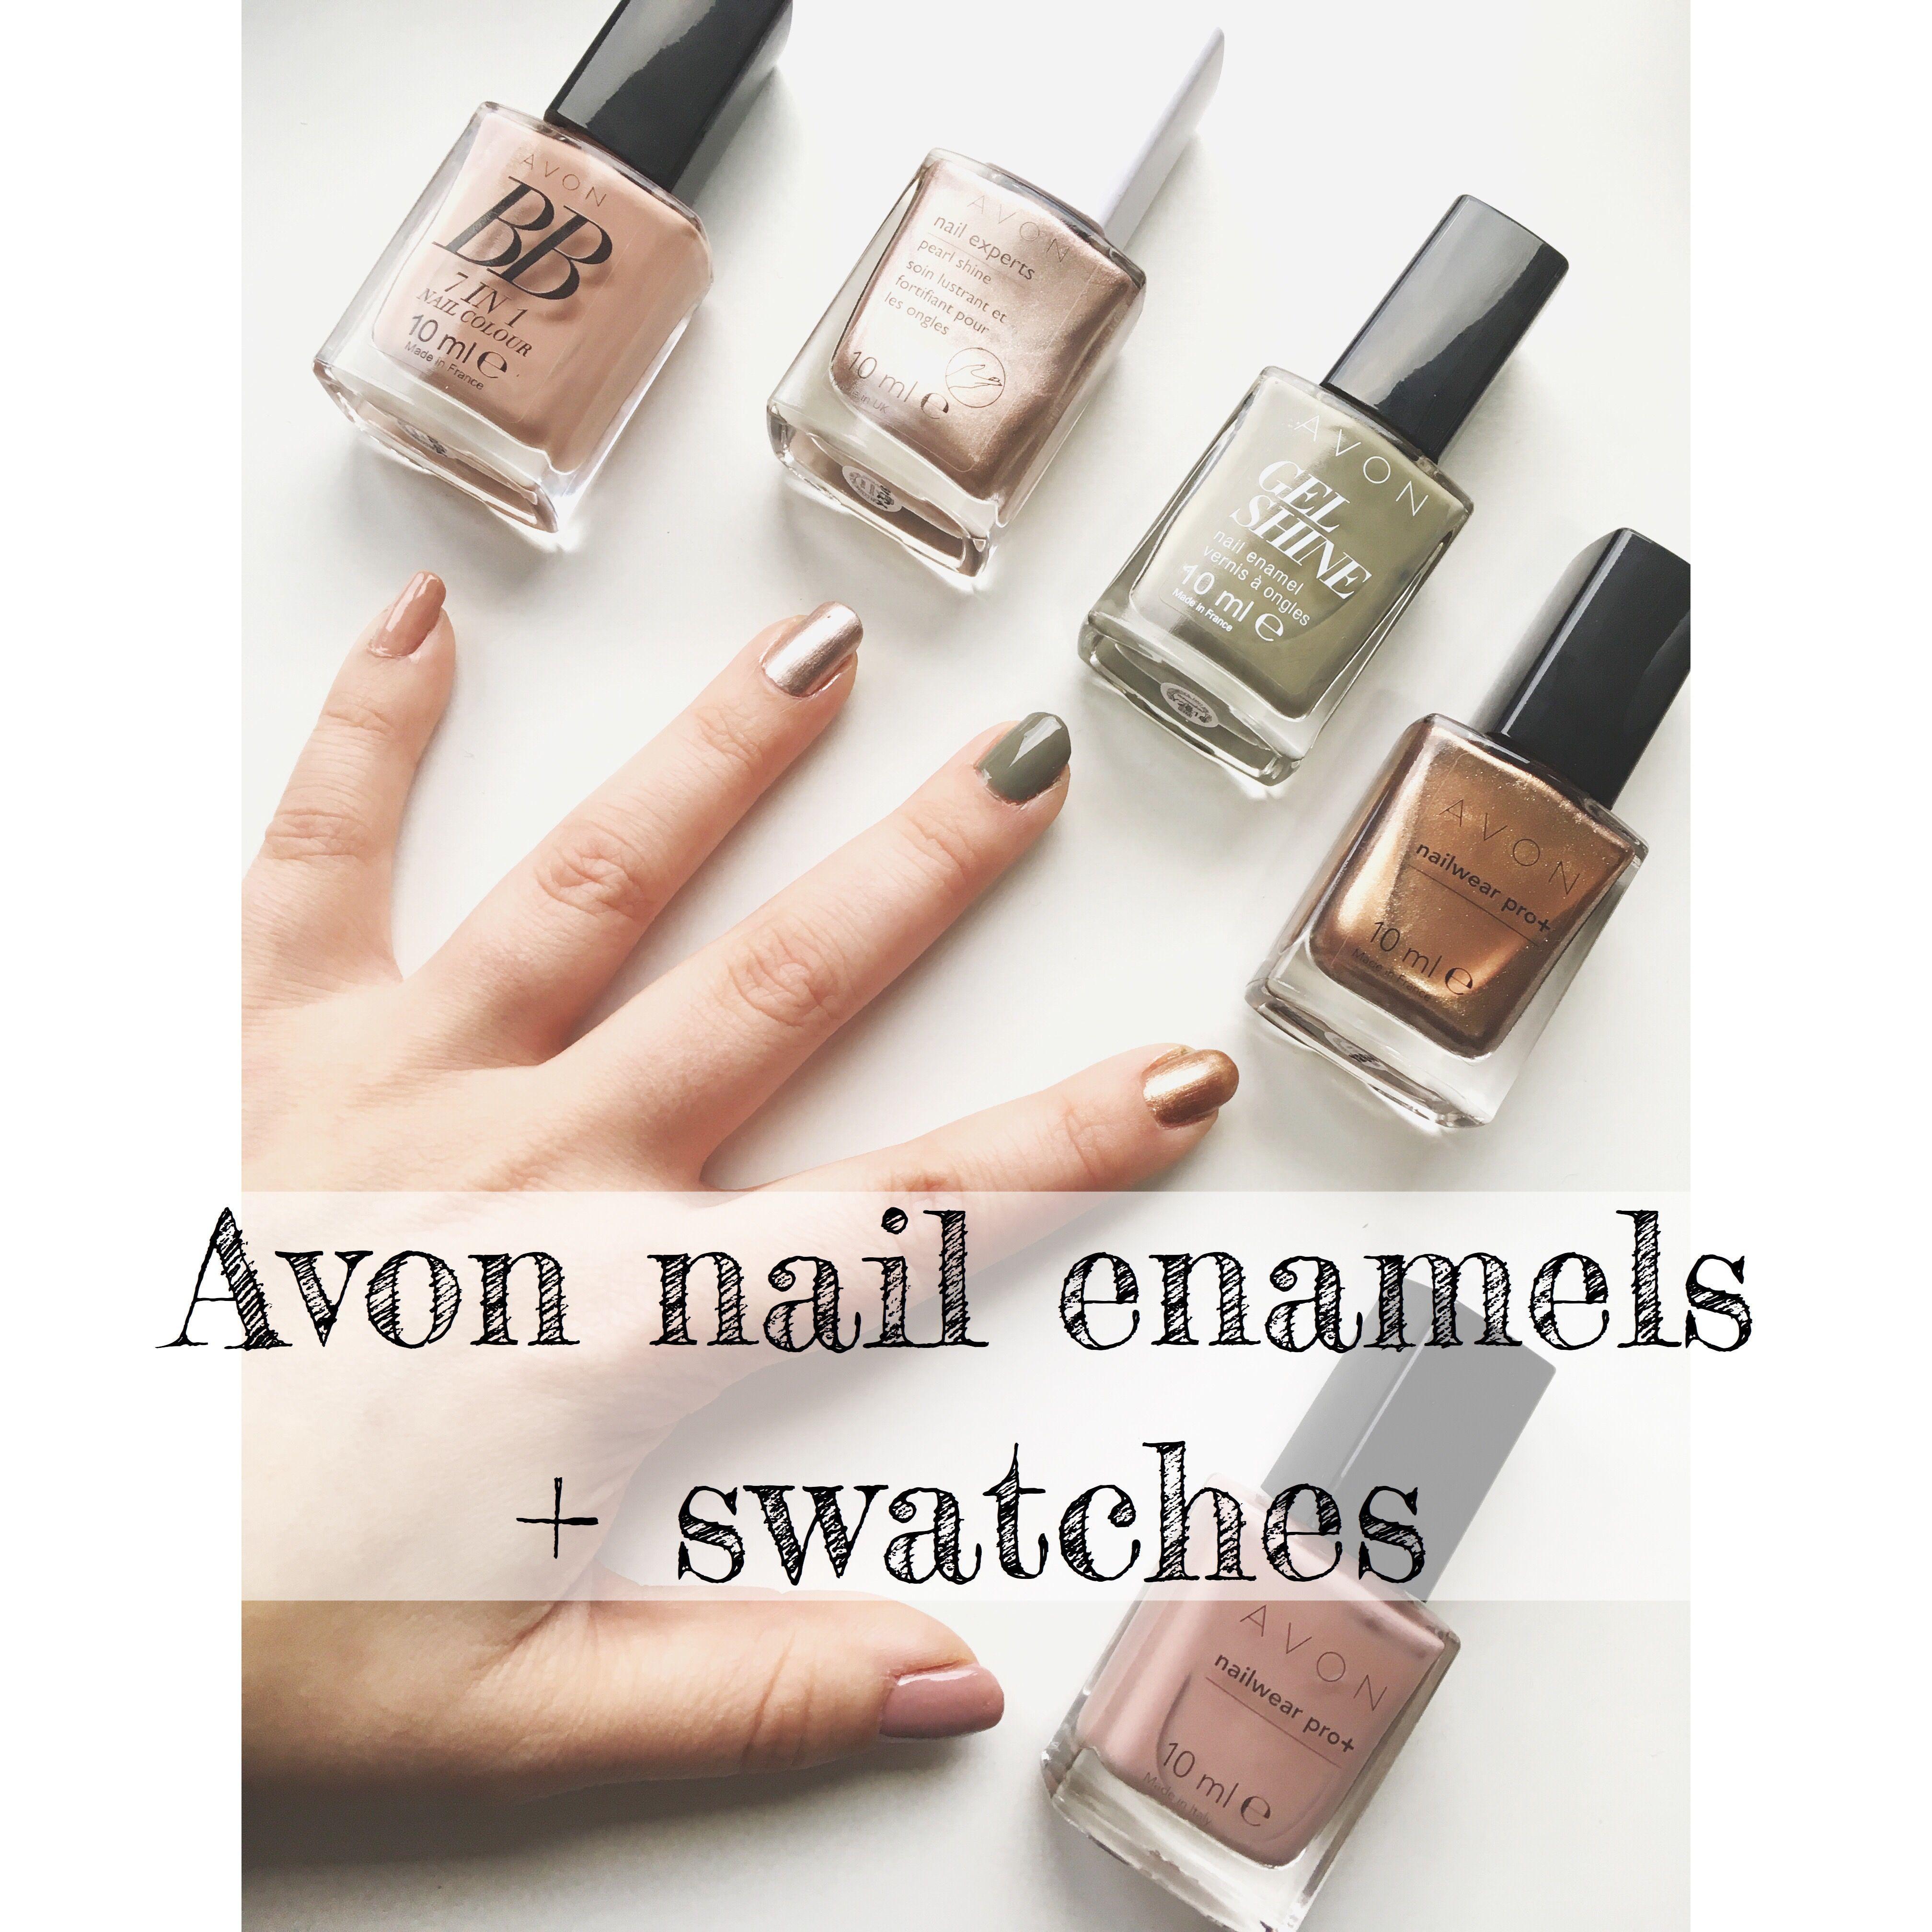 Avon Nail Enamel Product Review By A Fellow Blogger Avon